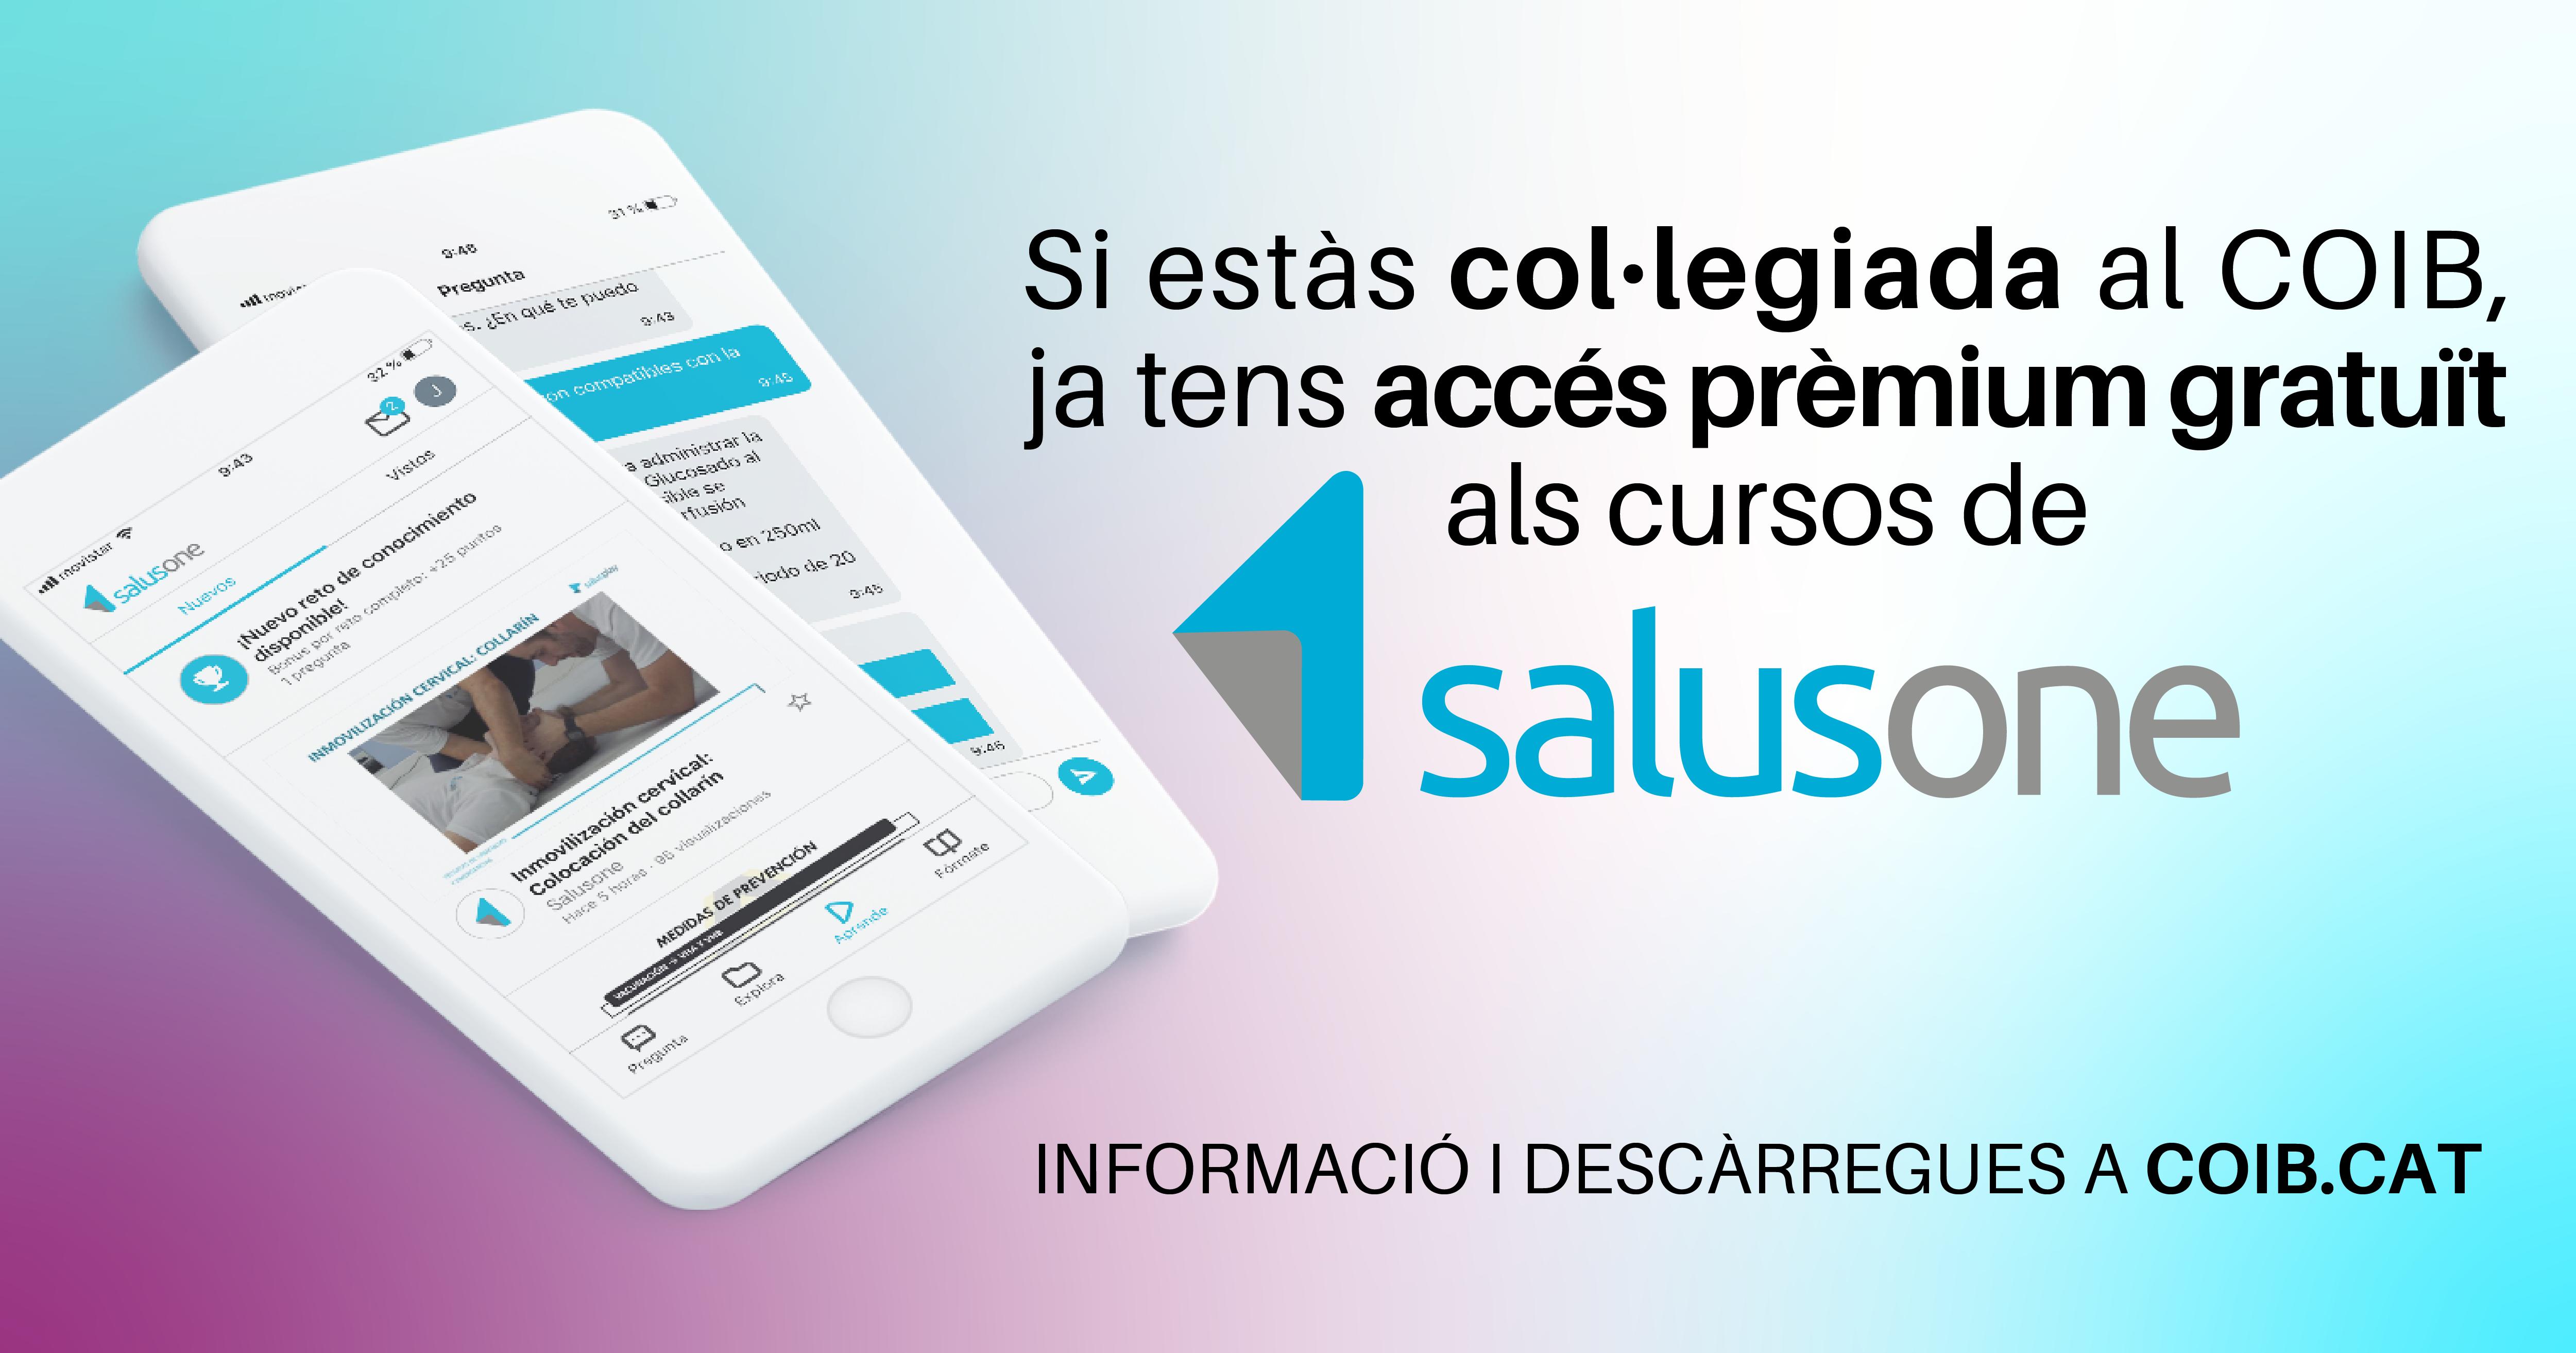 El COIB ofereix accés gratuït per a les col·legiades a la formació en línia de SalusOne Premium